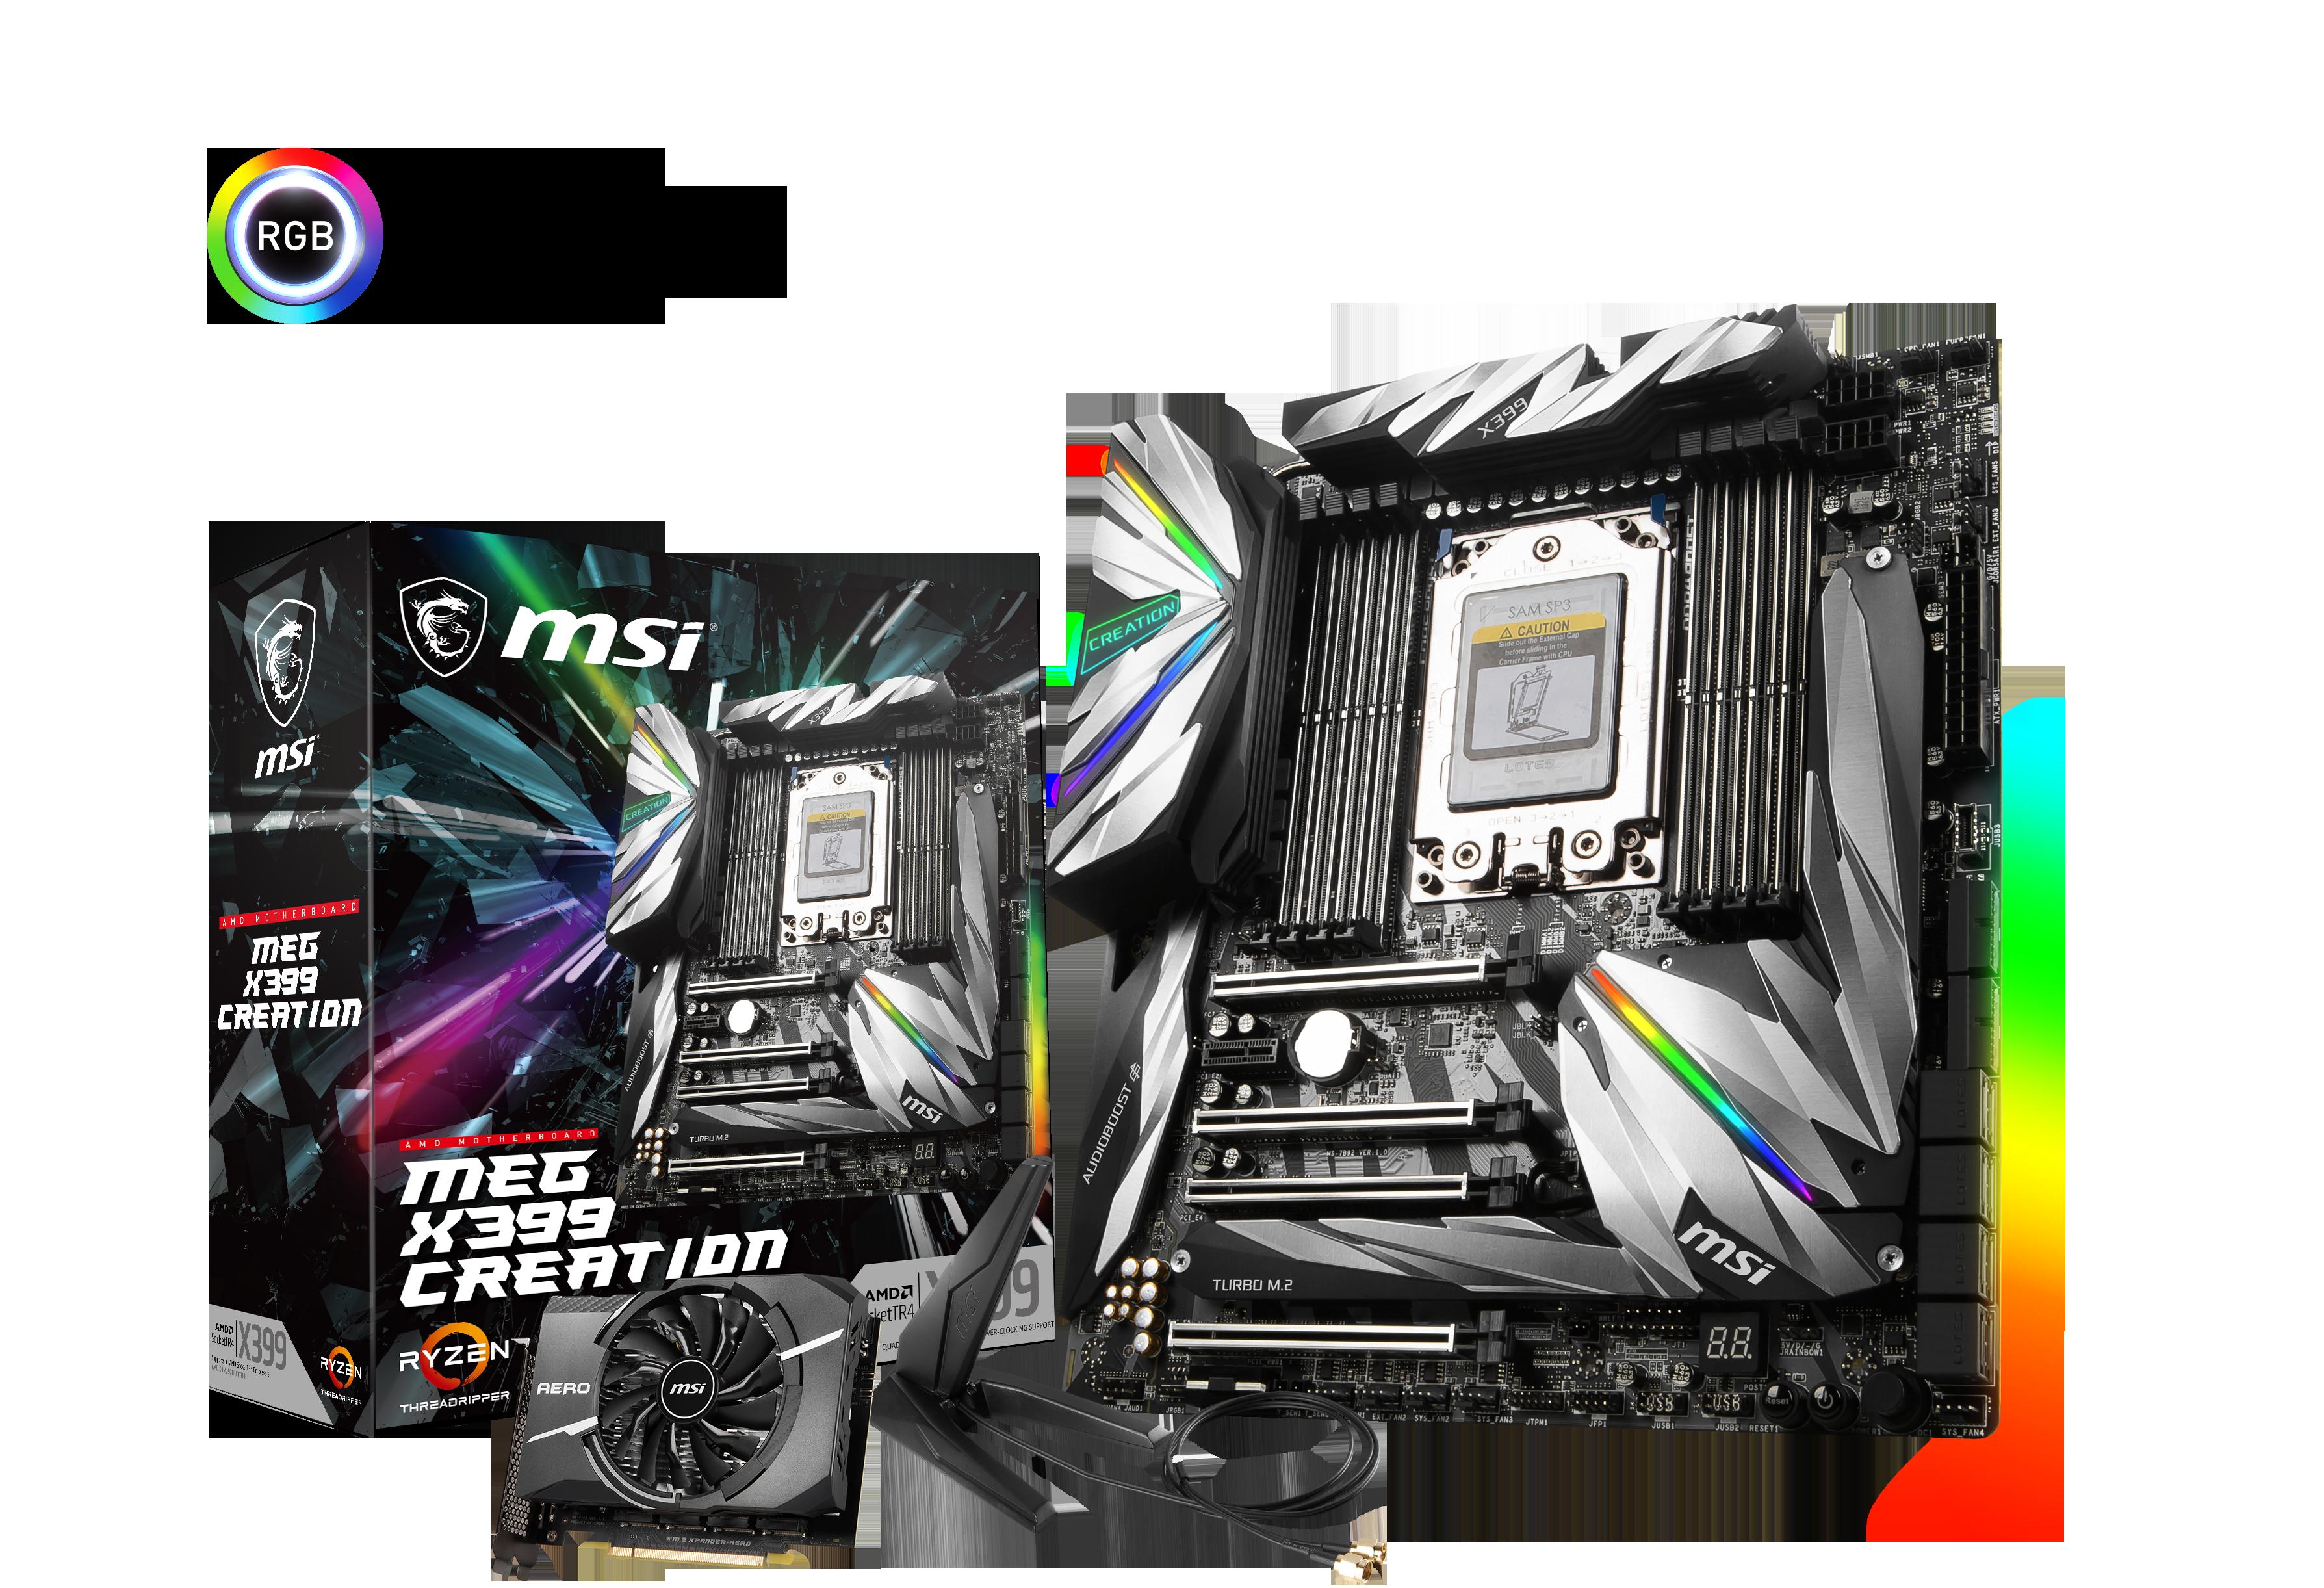 MSI MEG X399 CREATION - Mainboard - EATX